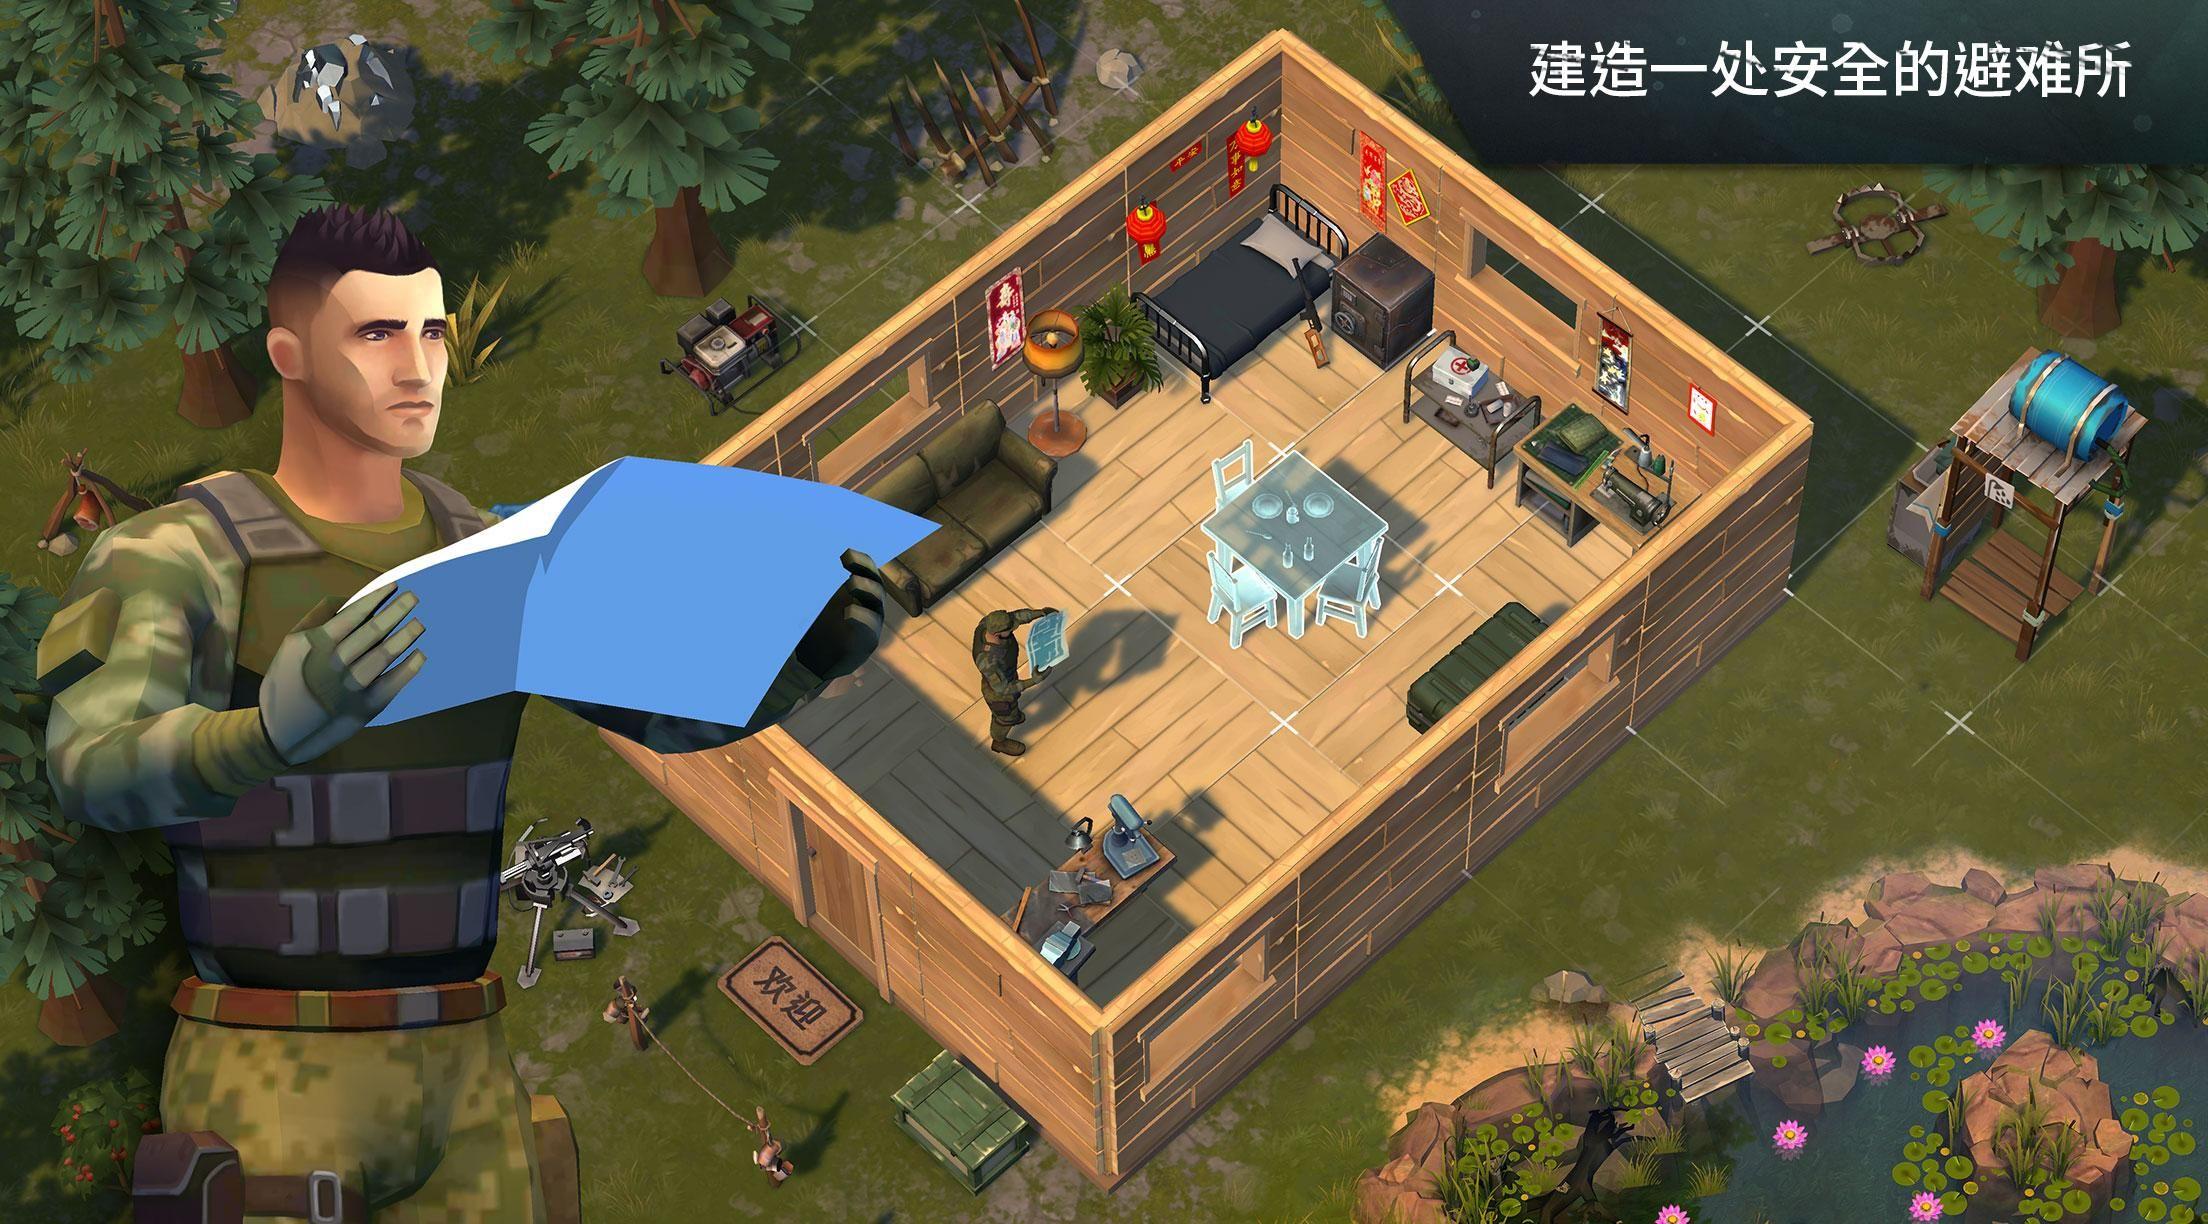 地球末日:生存 游戏截图3